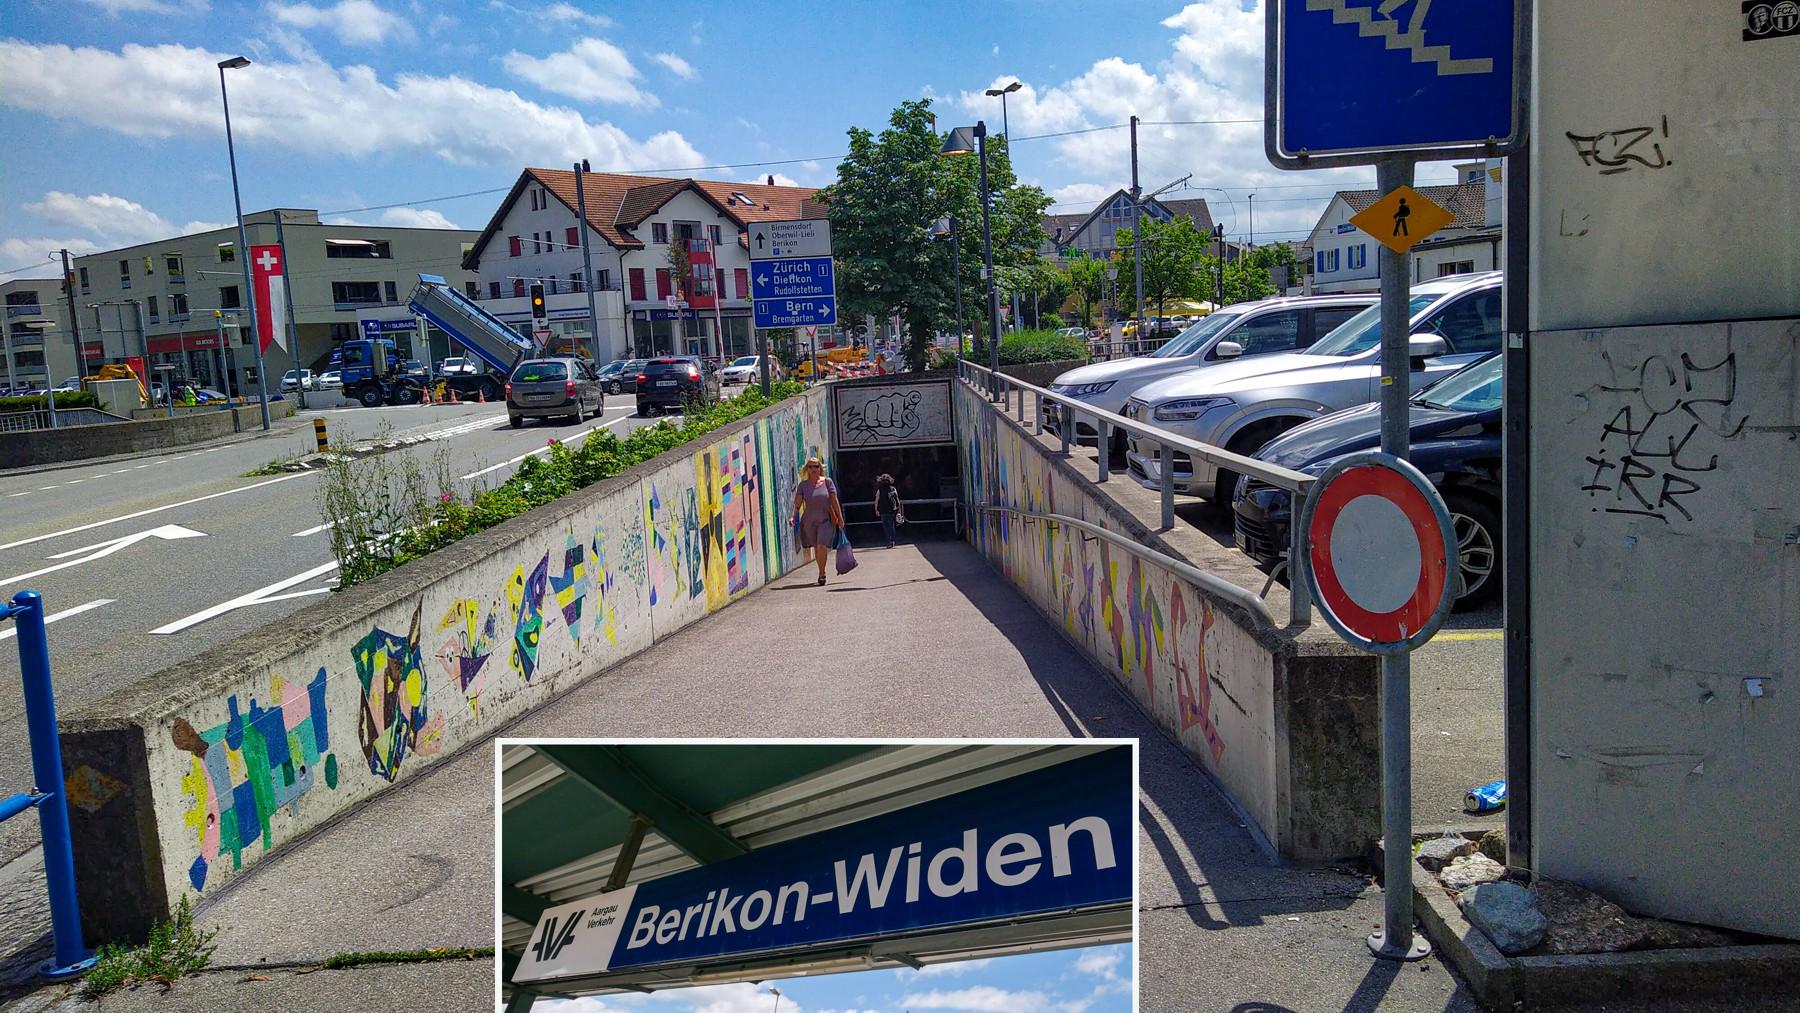 21 Mutschellen Berikon-Widen Bahnhof